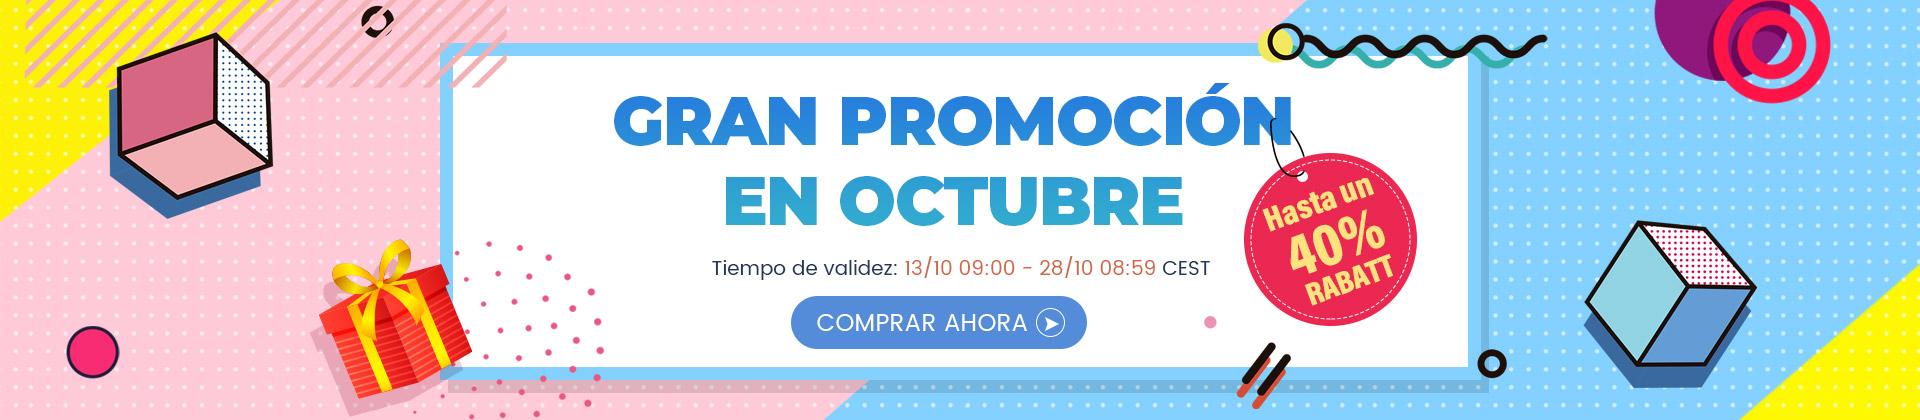 Gran promoción en octubre